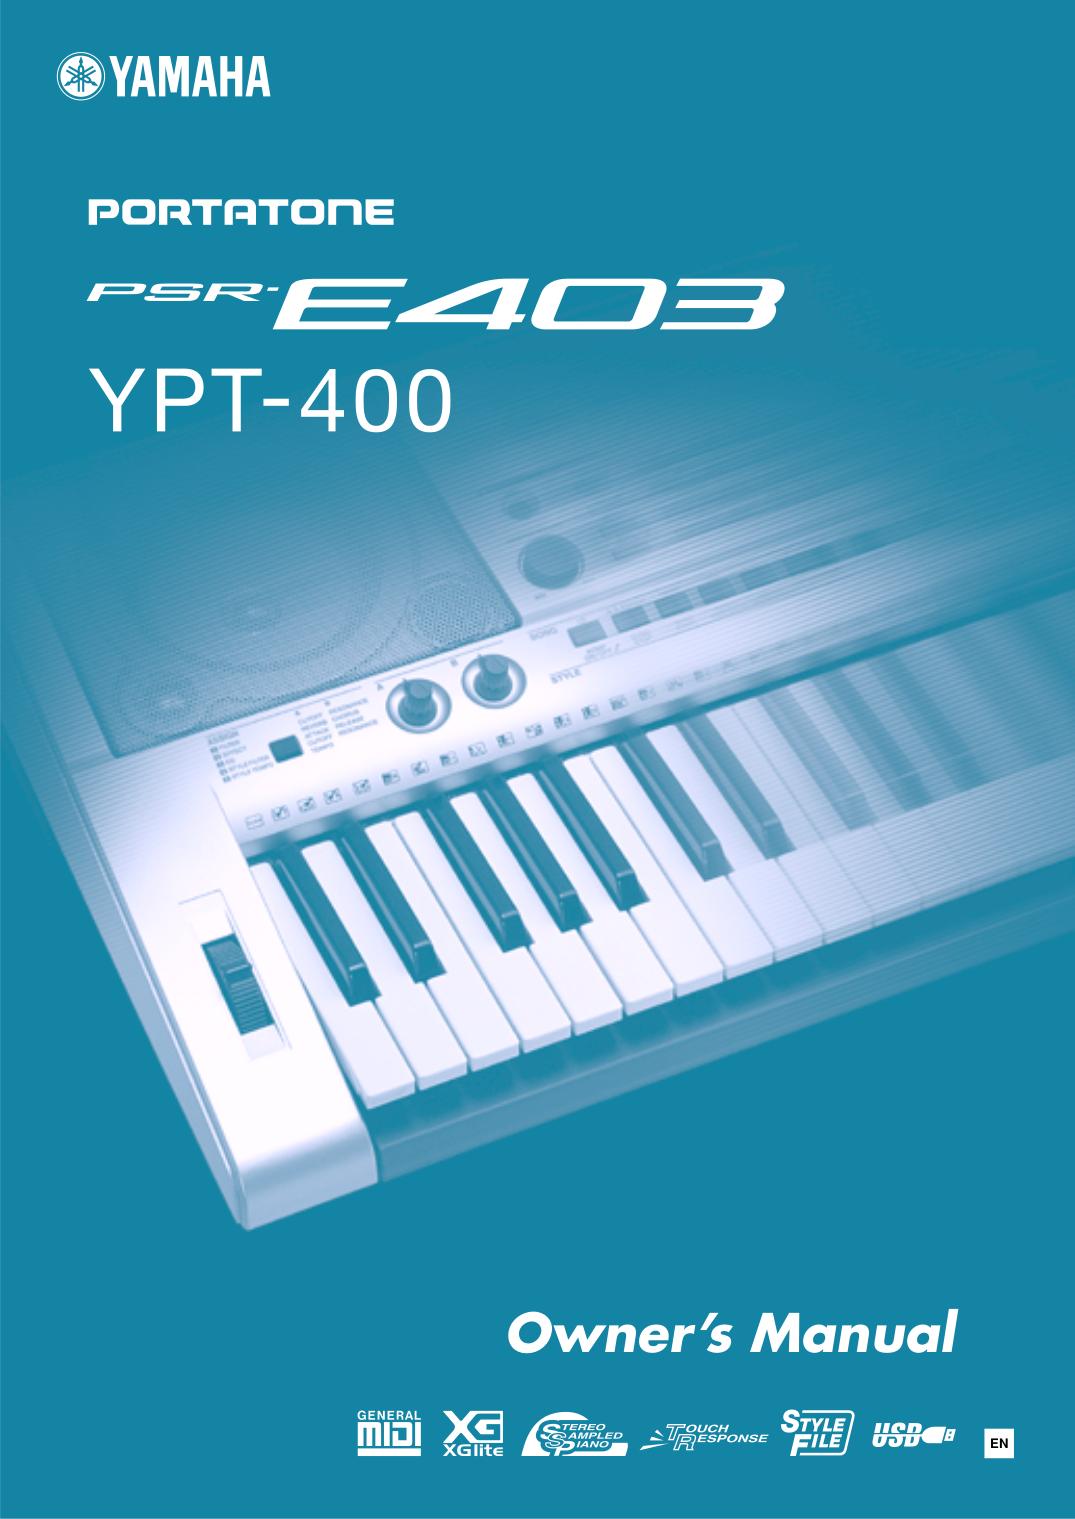 download free pdf for yamaha psr s710 music keyboard manual rh umlib com yamaha psr s910 user manual Yamaha PSR S750